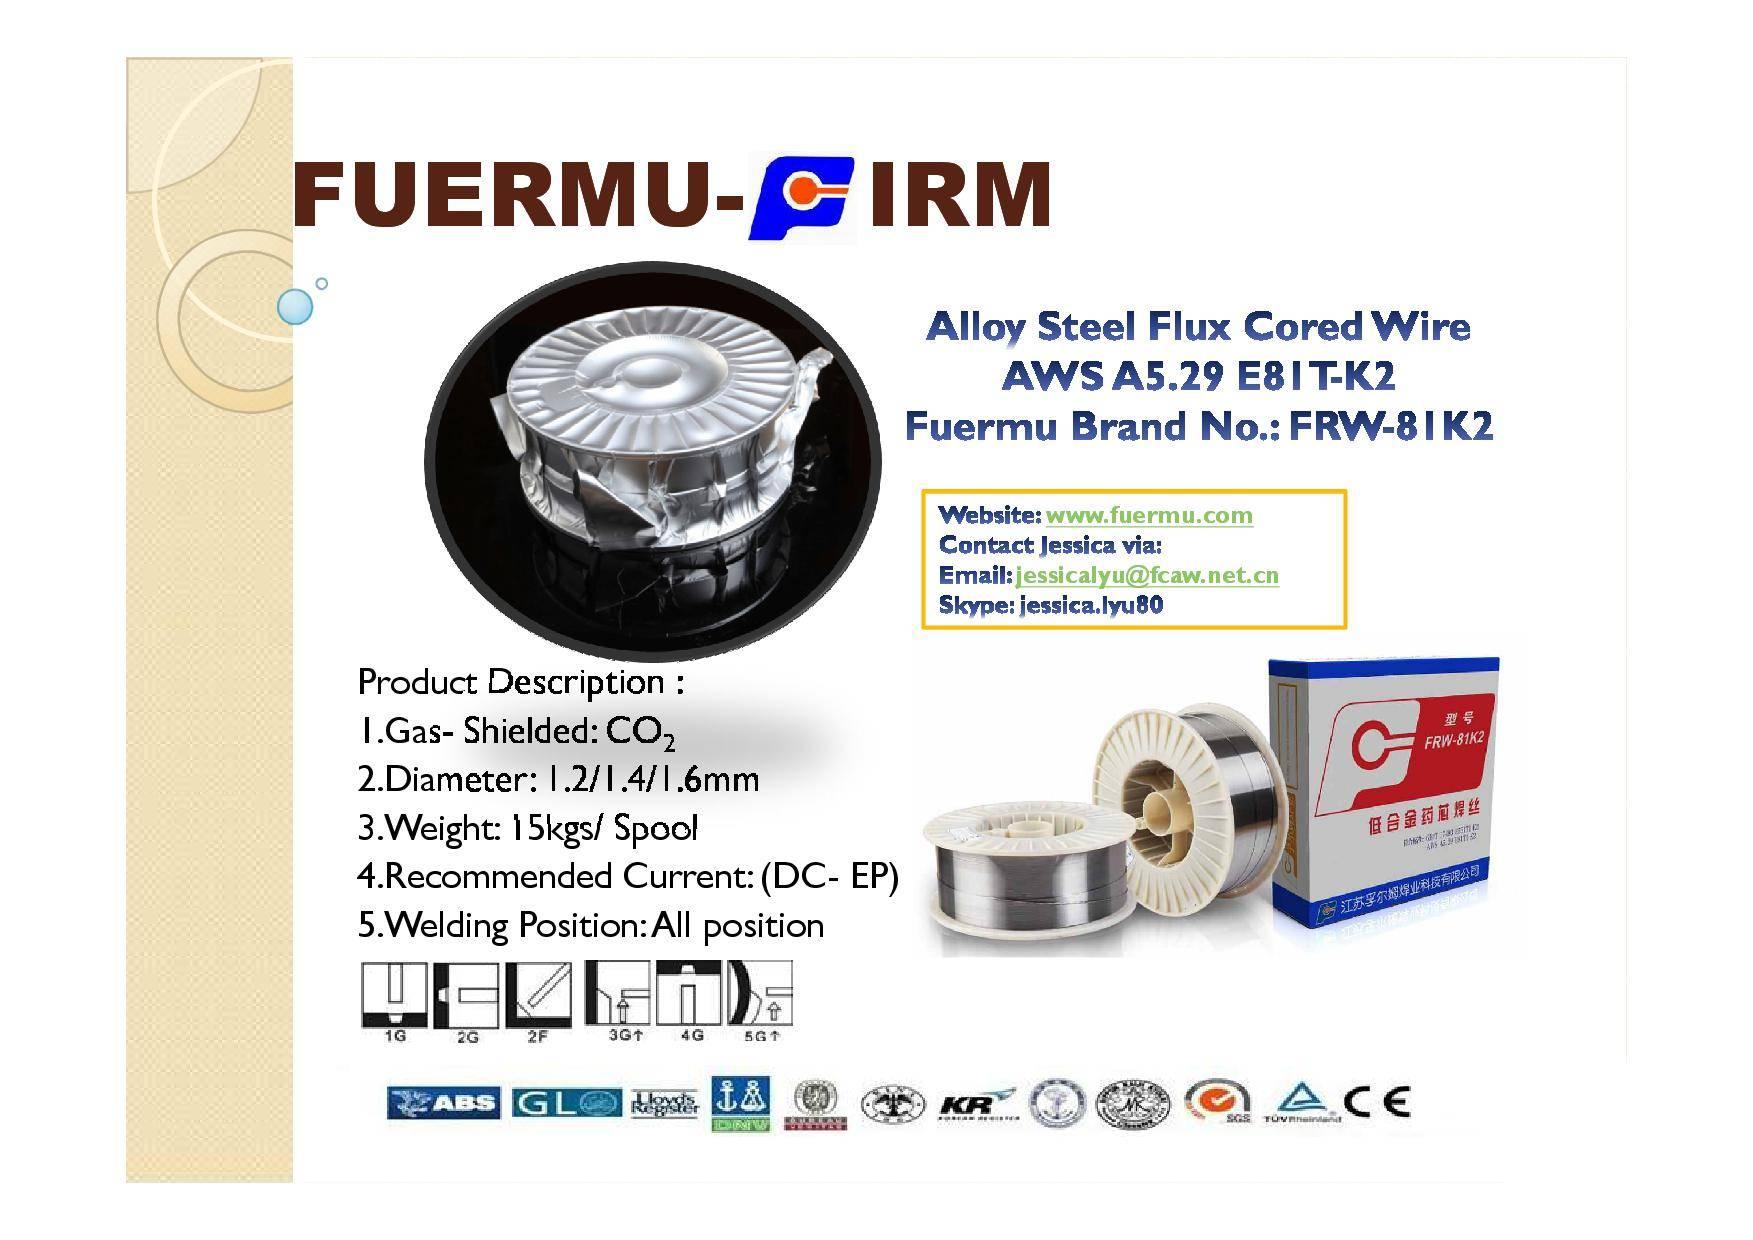 E81T1-K2 Flux Cored Wire, Fuermu Brand: FRW-81K2